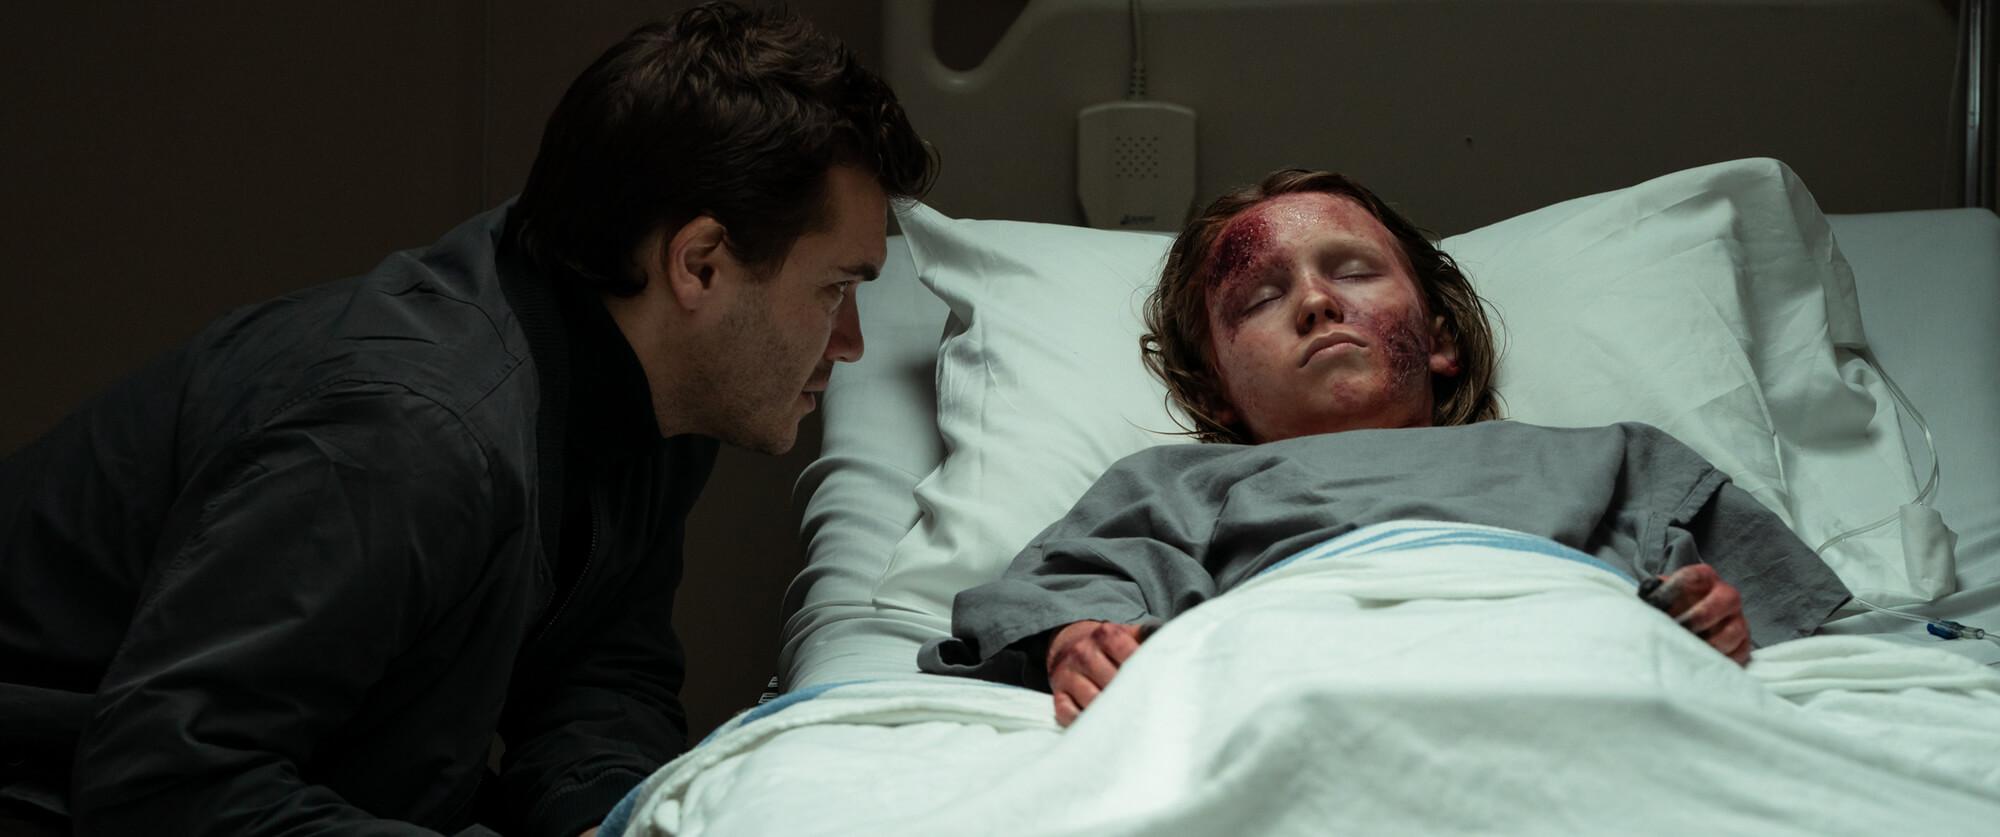 Film still from Son (2021)